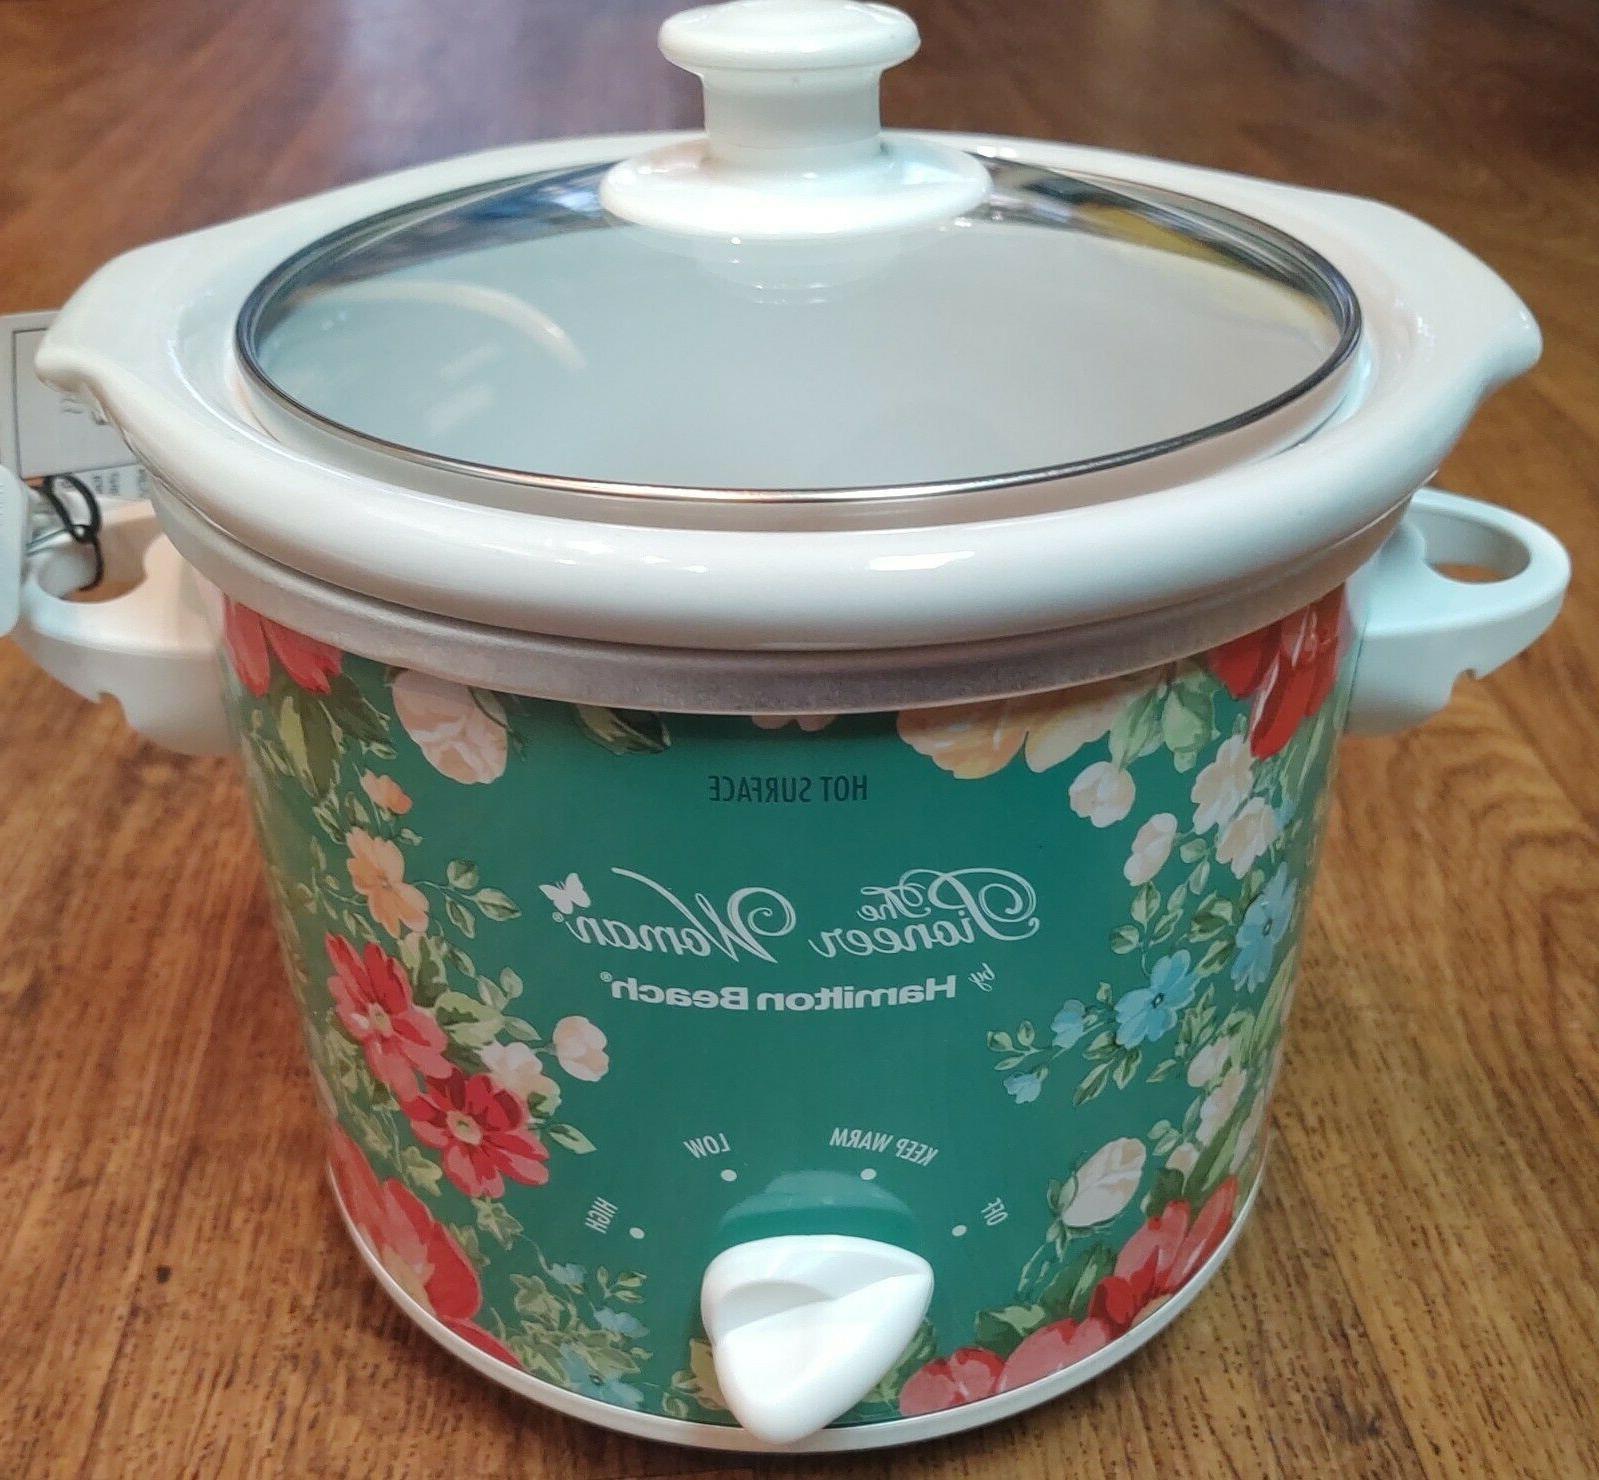 Floral Slow Cooker Crock Pot Pioneer Woman 1.5 Quart Fiona V